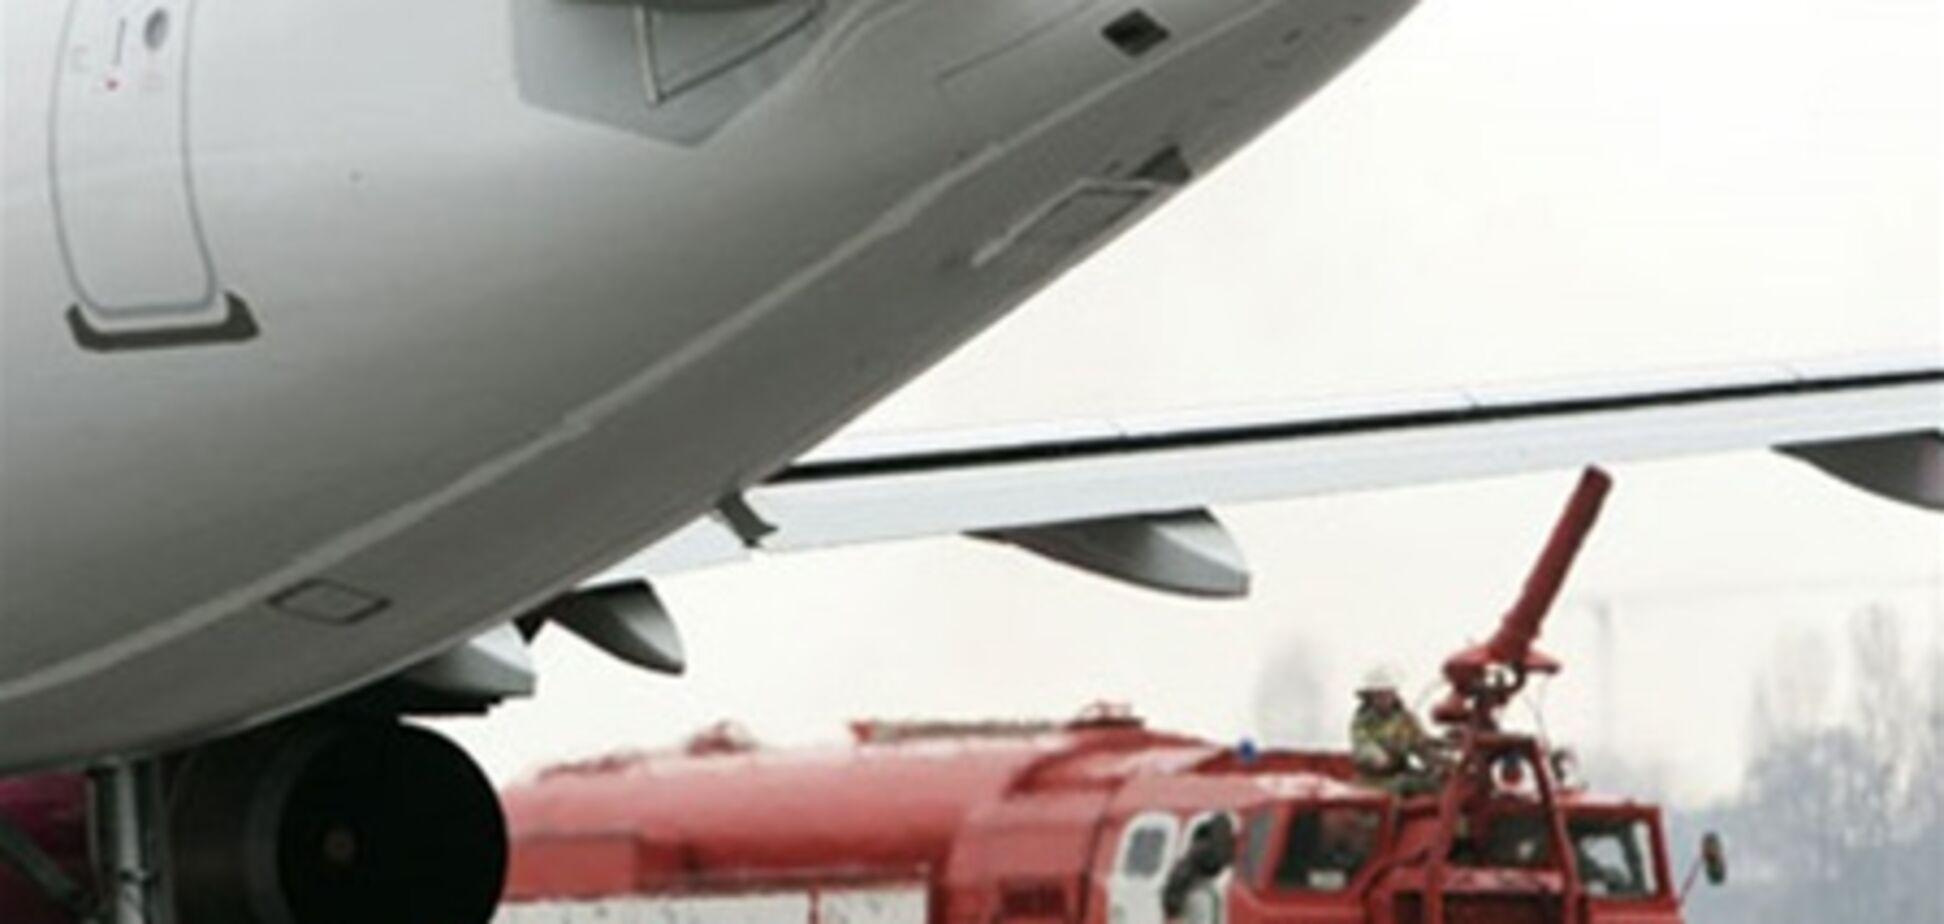 Неизвестный угрожал взорвать аэропорт 'Киев'